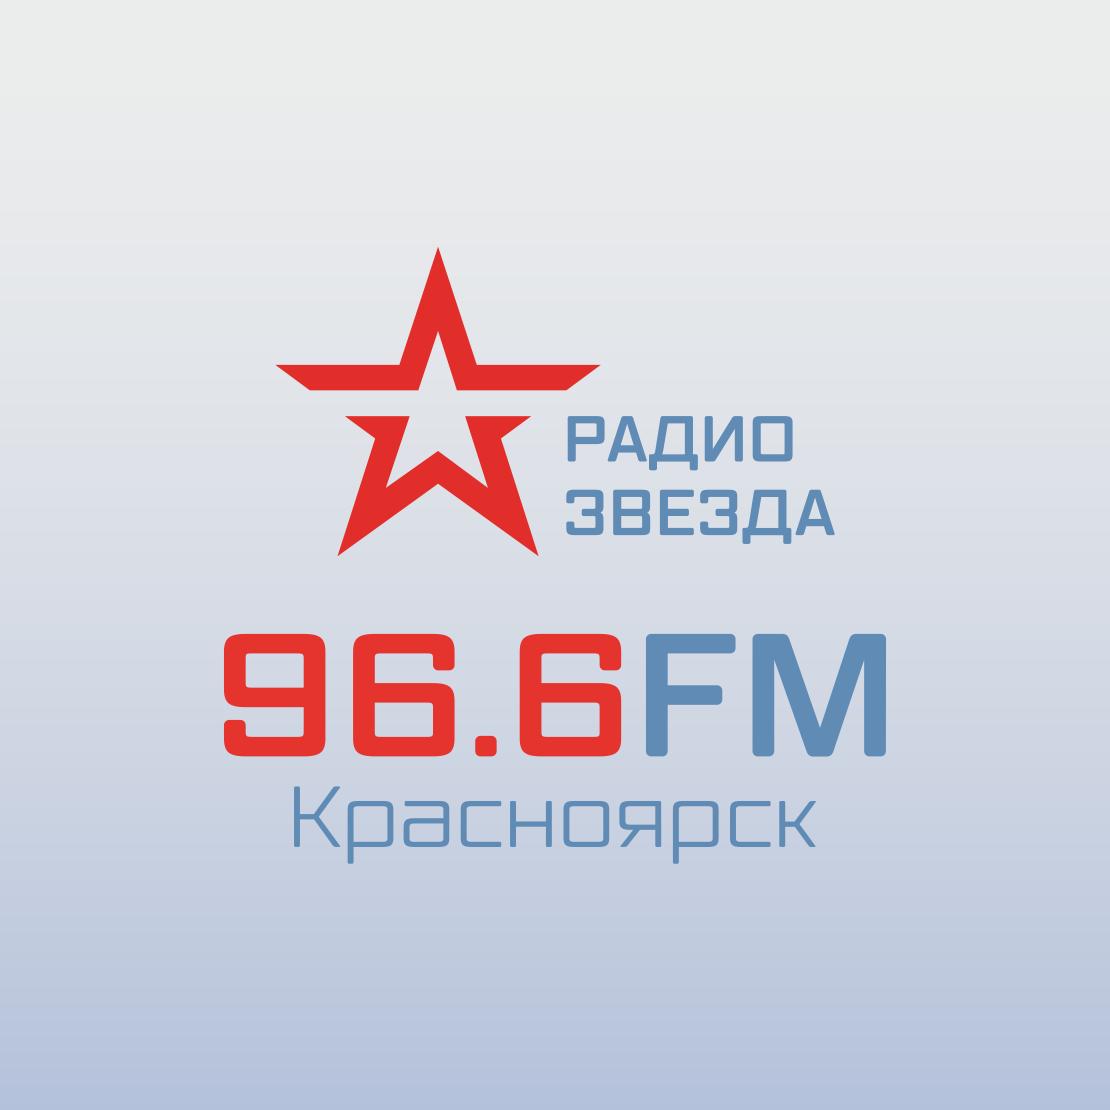 Радио Звезда (Красноярск)